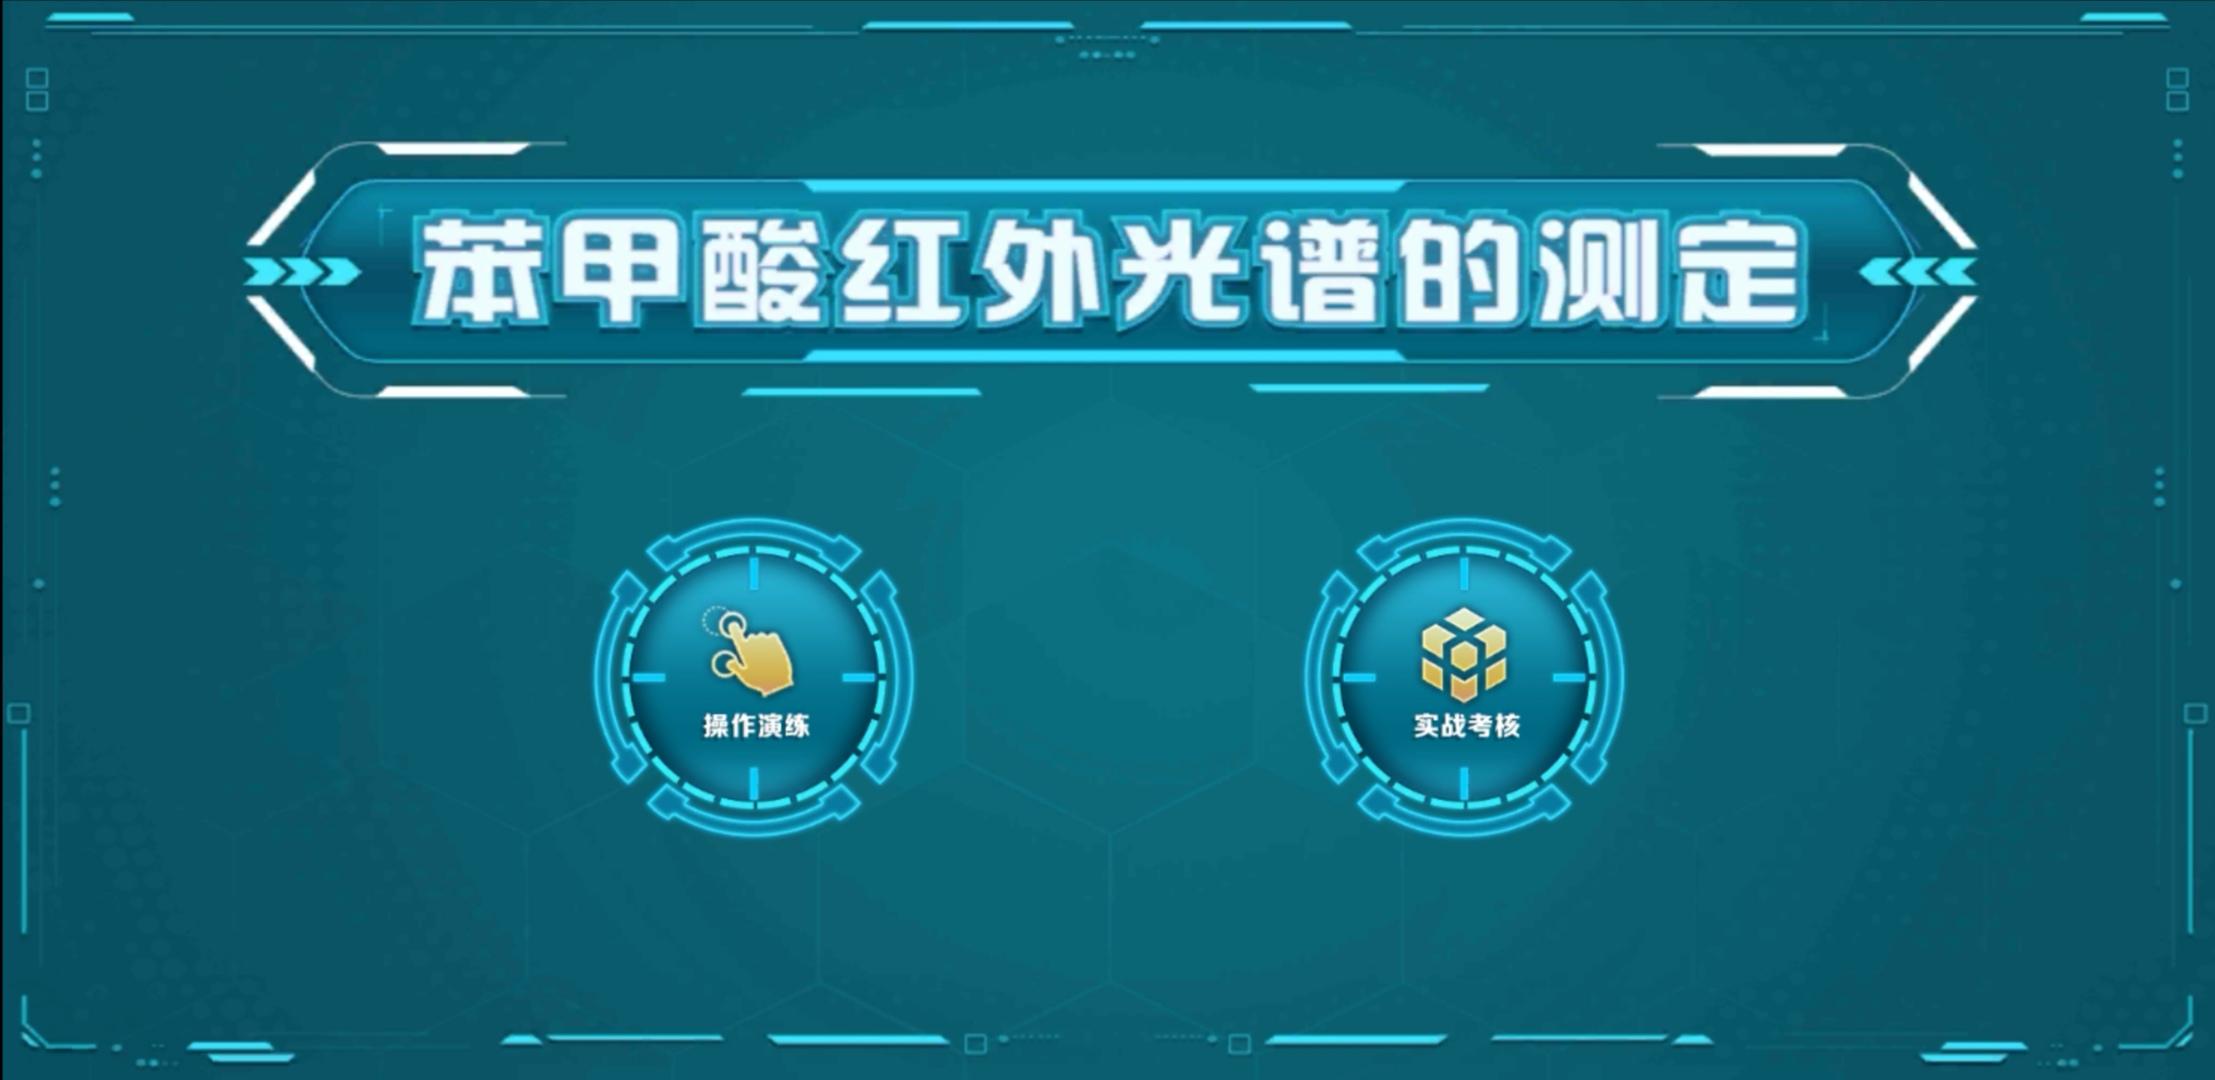 北京欧倍尔苯甲酸红外光谱的测定虚拟仿真软件,游戏式体验助学习